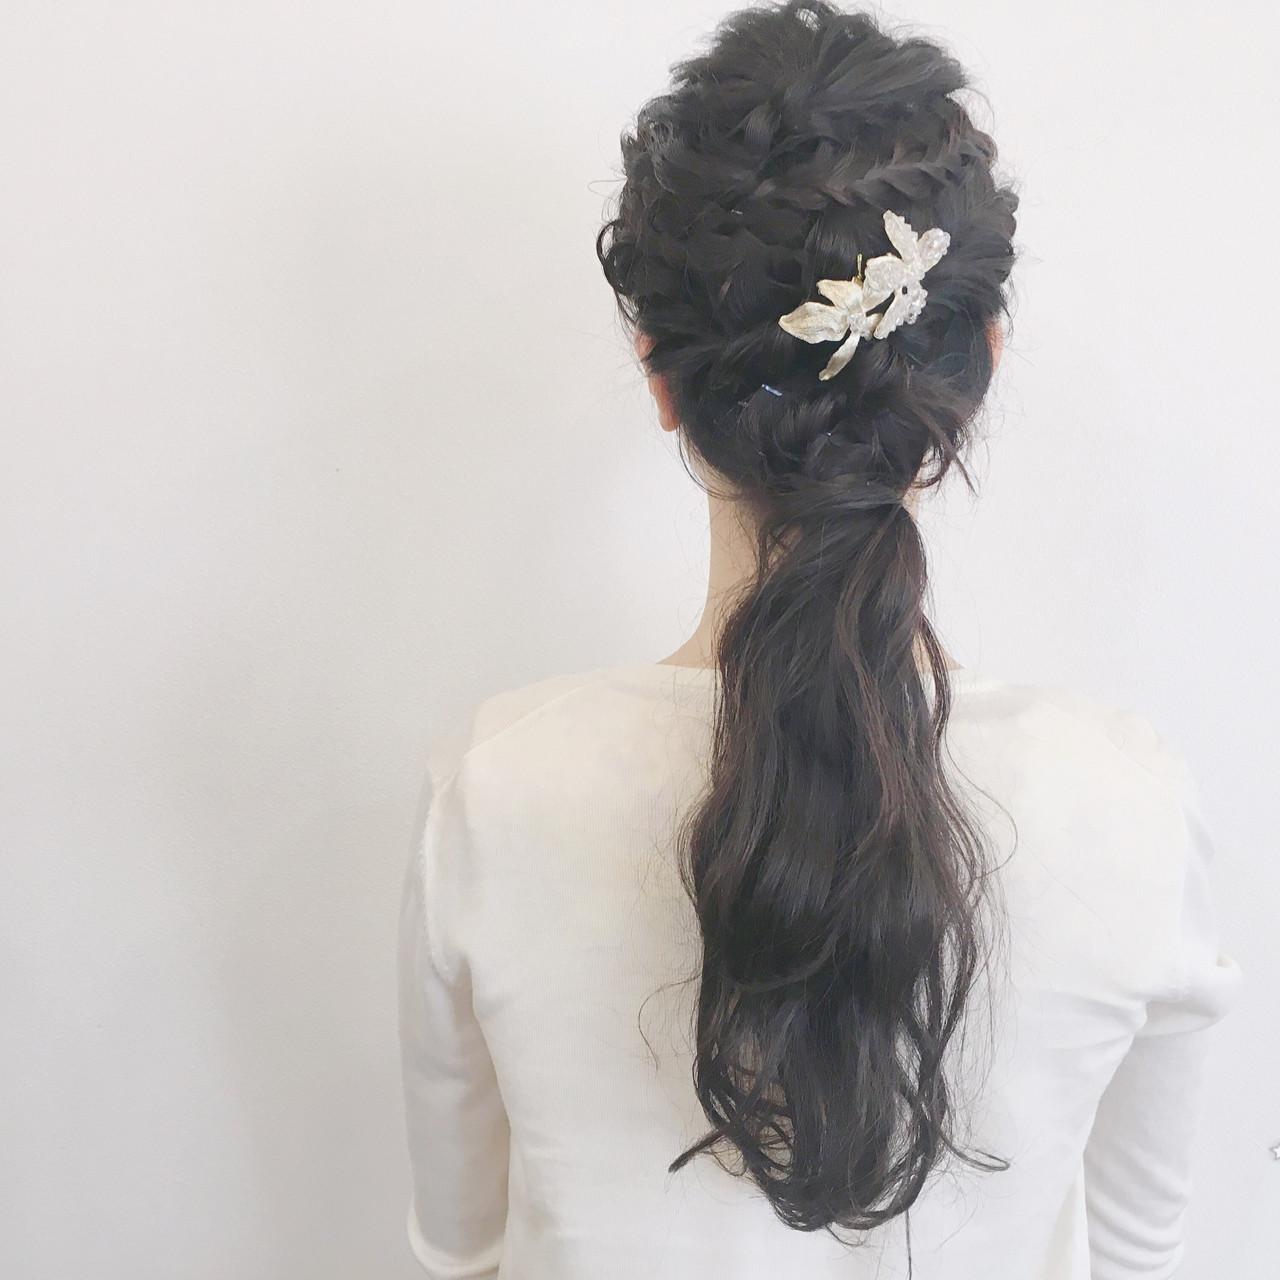 簡単ヘアアレンジ 結婚式 編み込み ロング ヘアスタイルや髪型の写真・画像